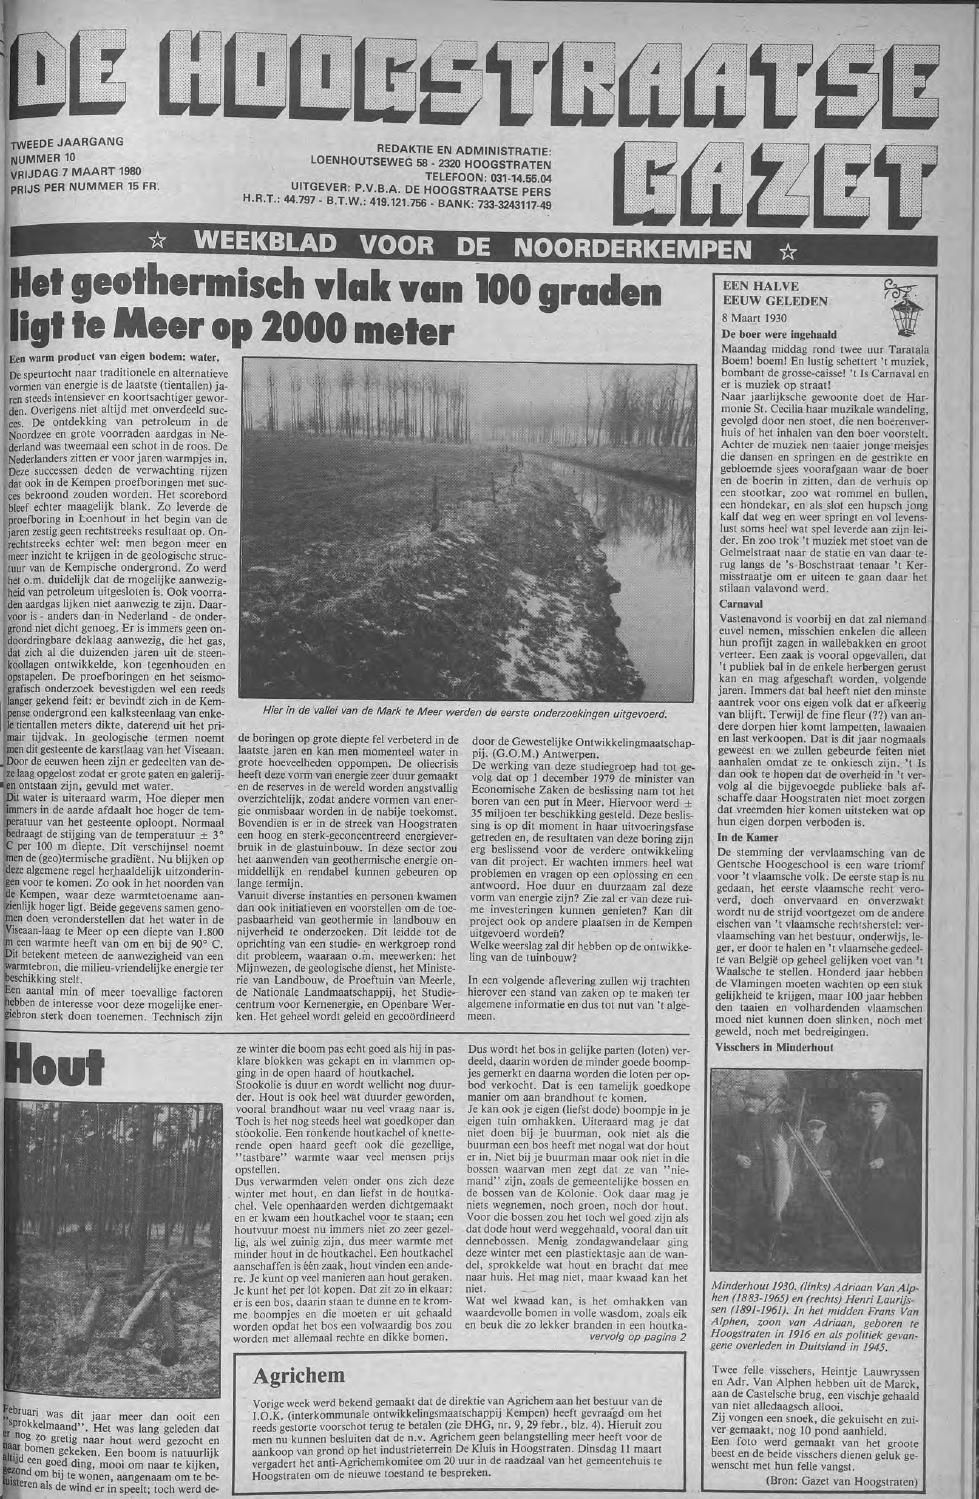 f8f2cebf939a61 De Hoogstraatse Gazet - maart 1980  nr 10 - 13 by De Hoogstraatse Gazet -  issuu